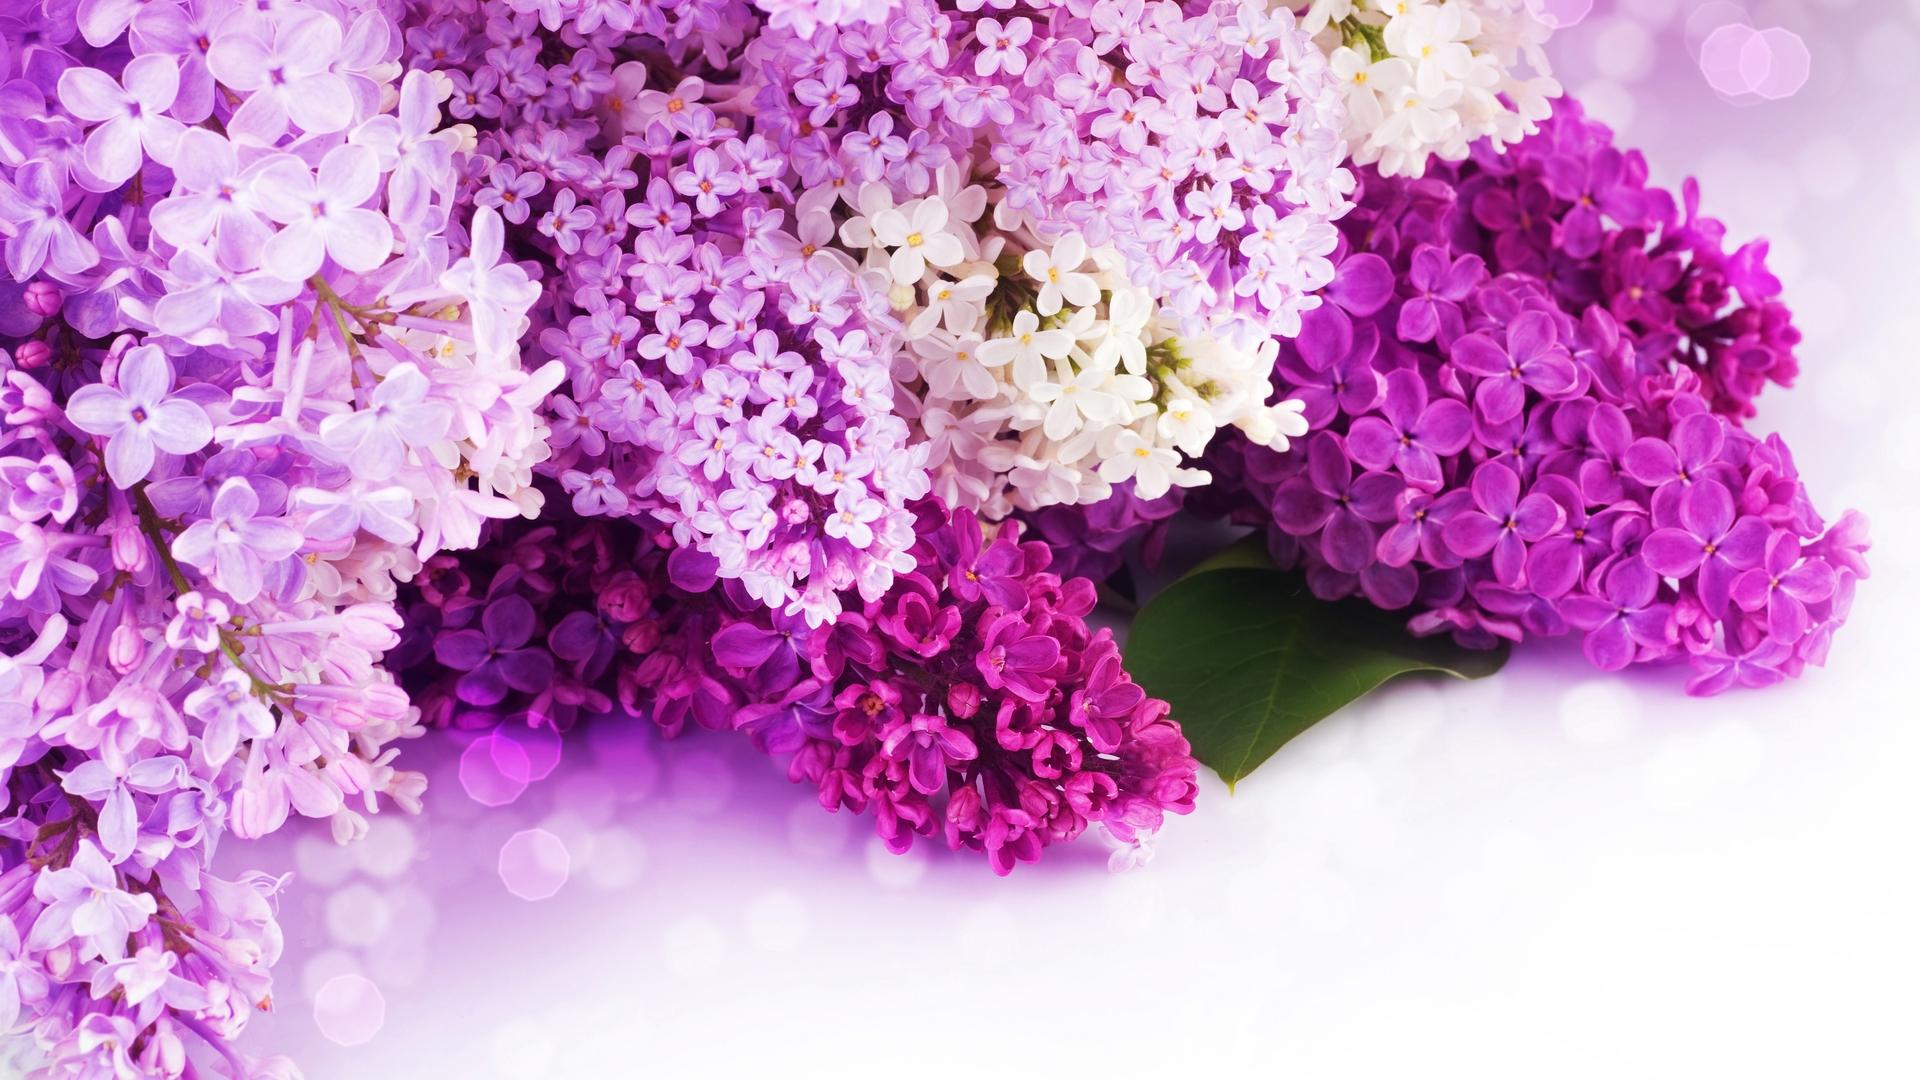 природа цветы сирень сахар блюдо без регистрации